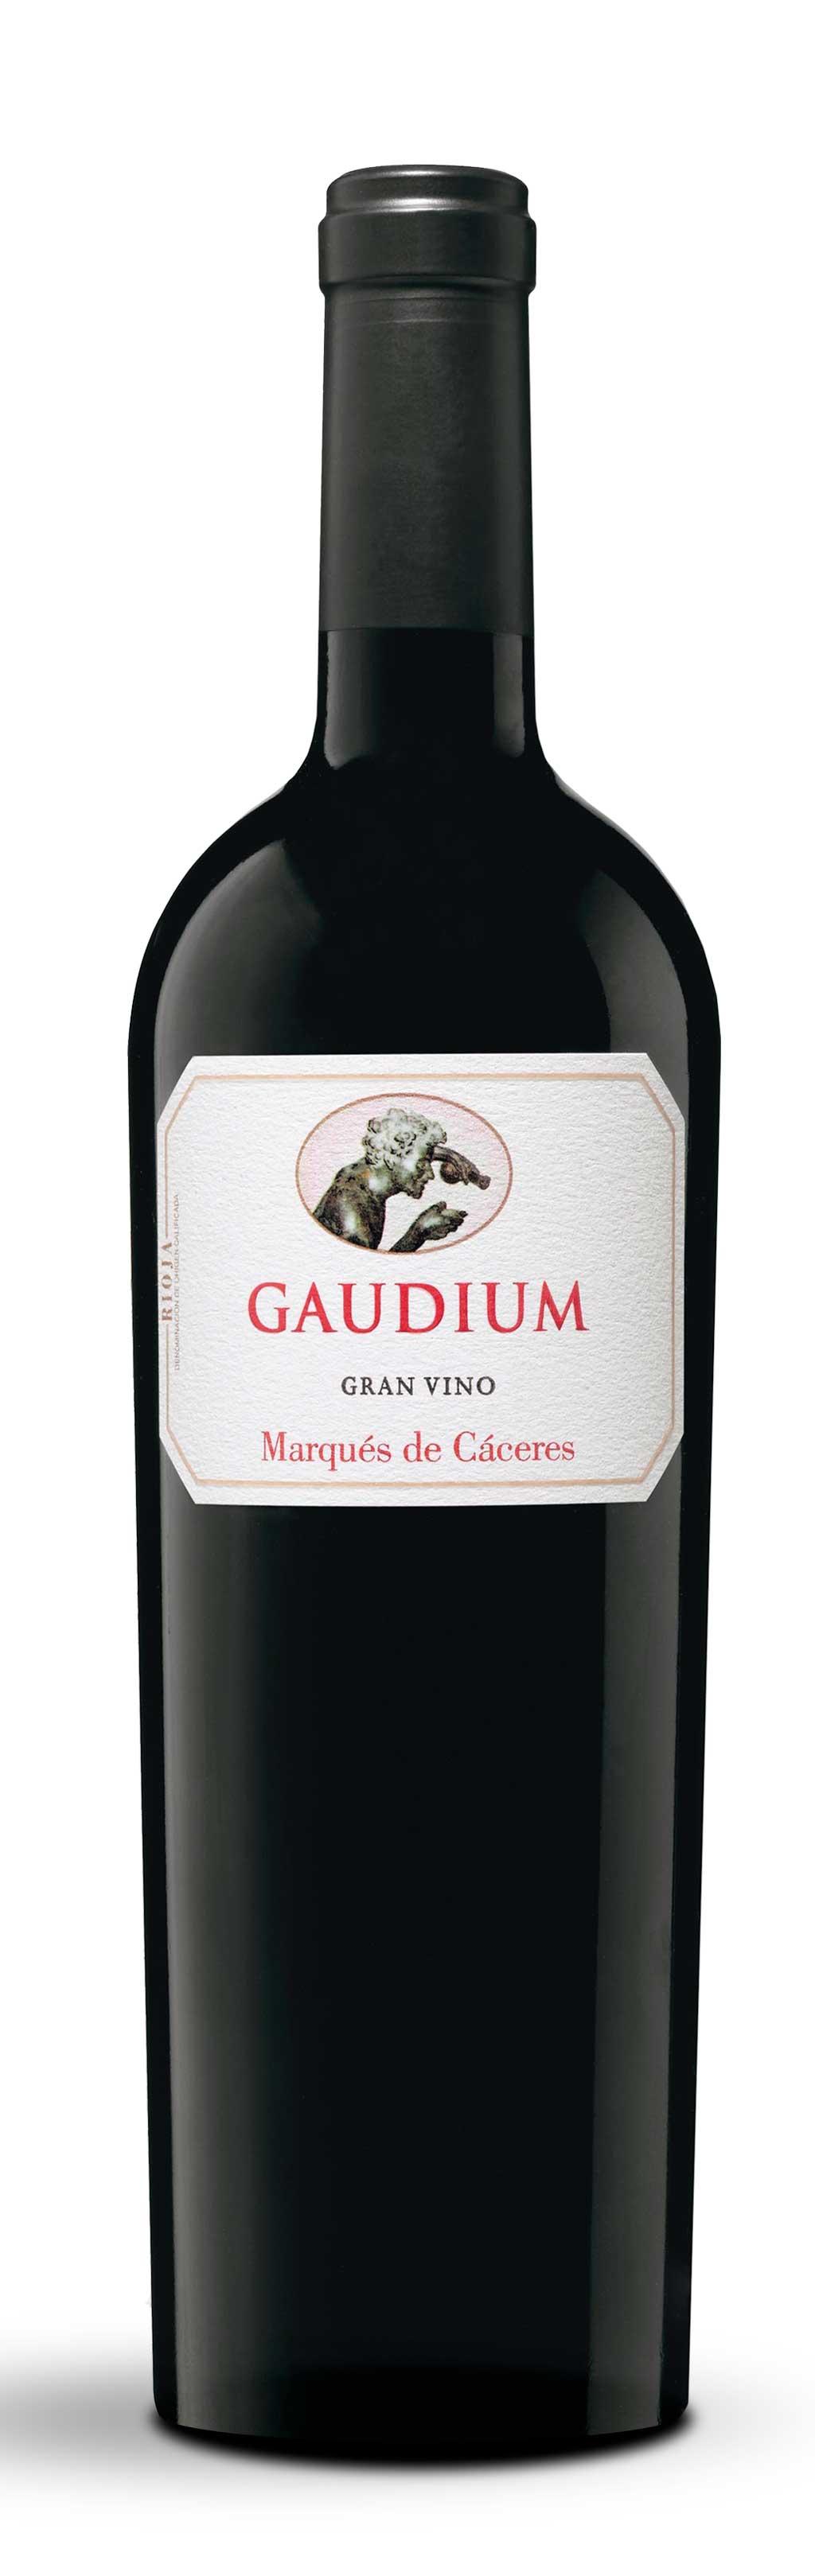 Gaudium Gran Vino ( Bodegas Marqués de Cáceres ) 2009